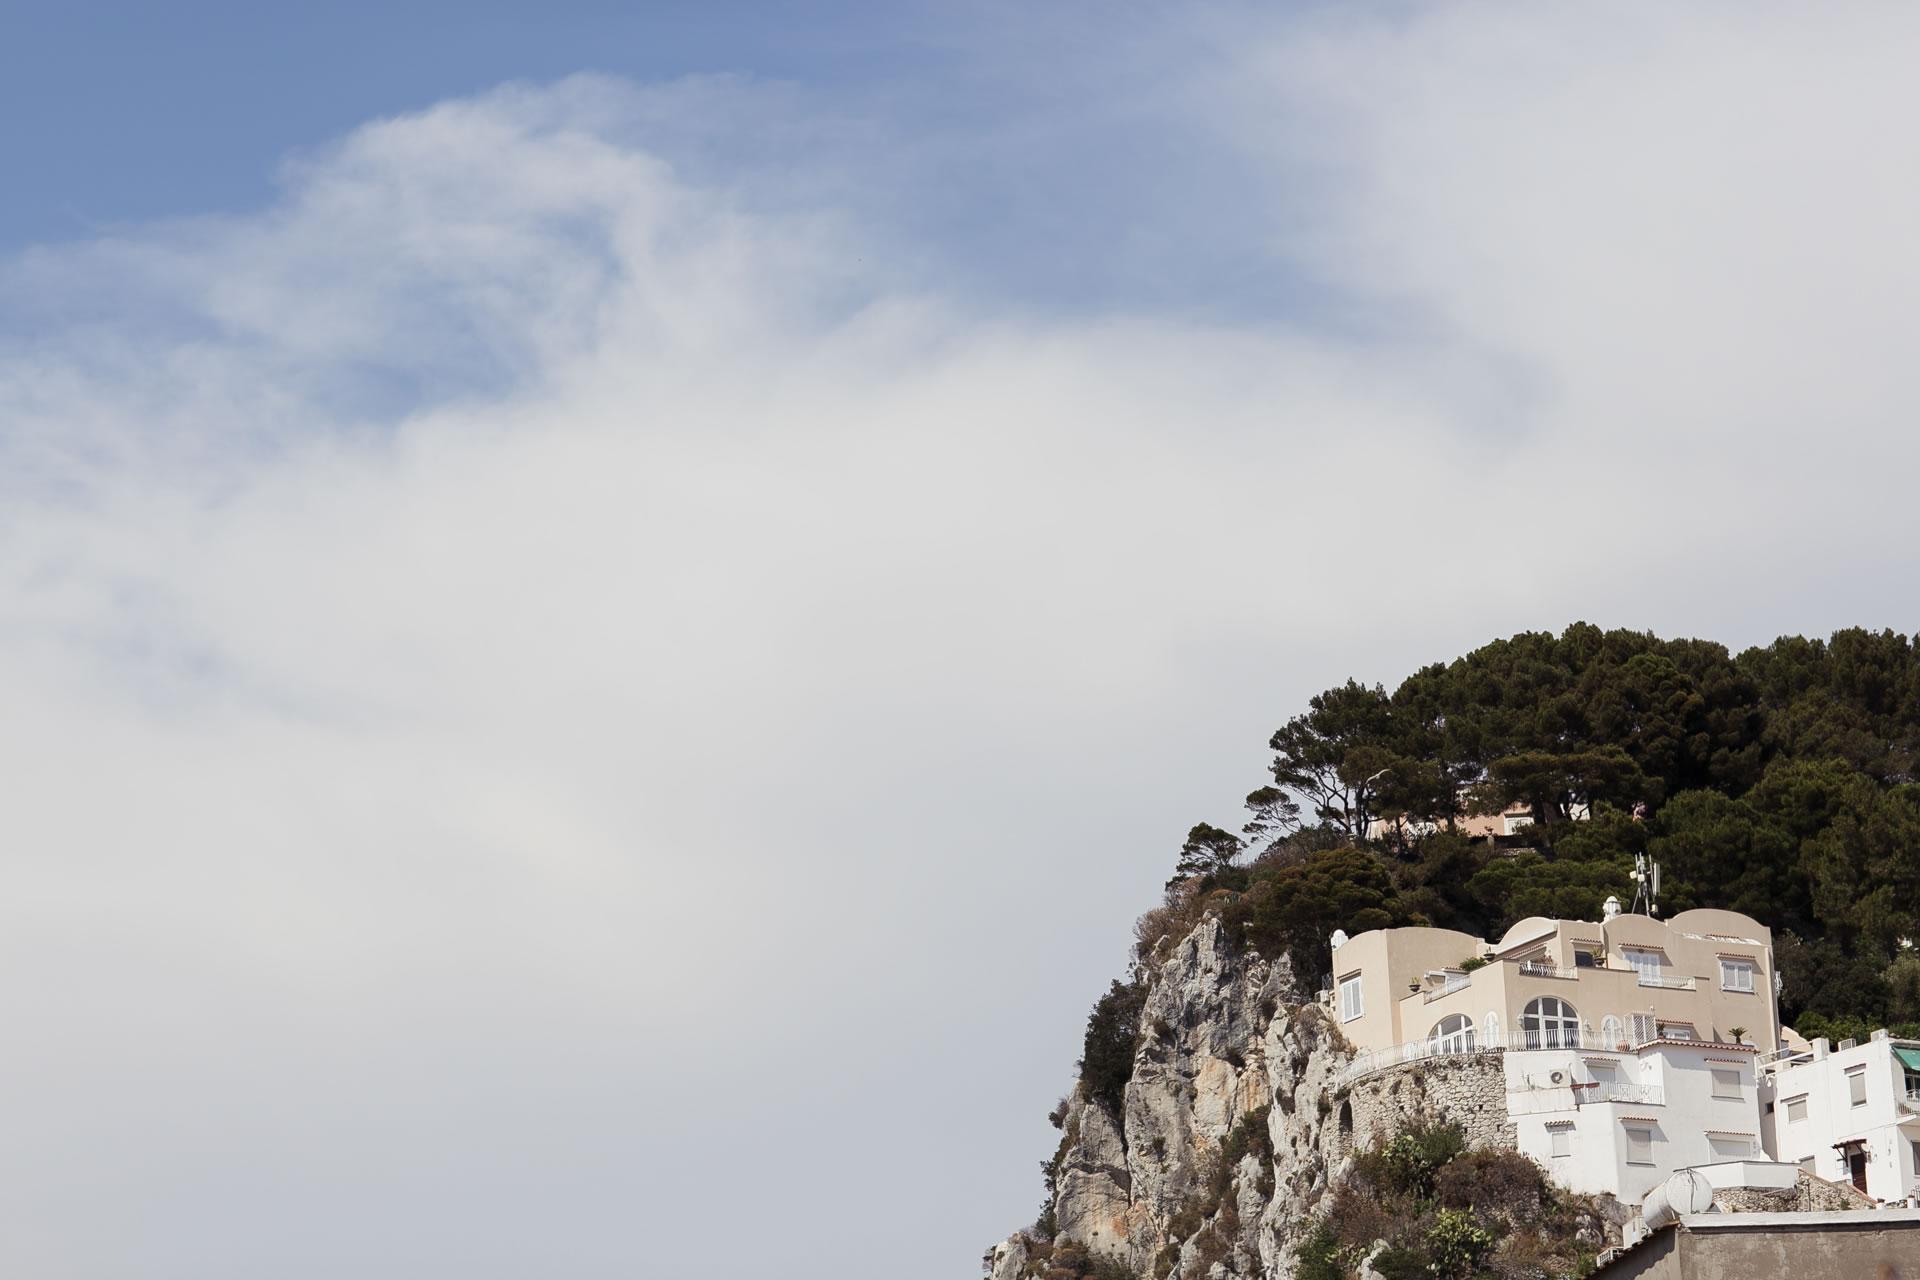 - 1 :: Jewish luxury wedding weekend in Capri :: Luxury wedding photography - 0 ::  - 1